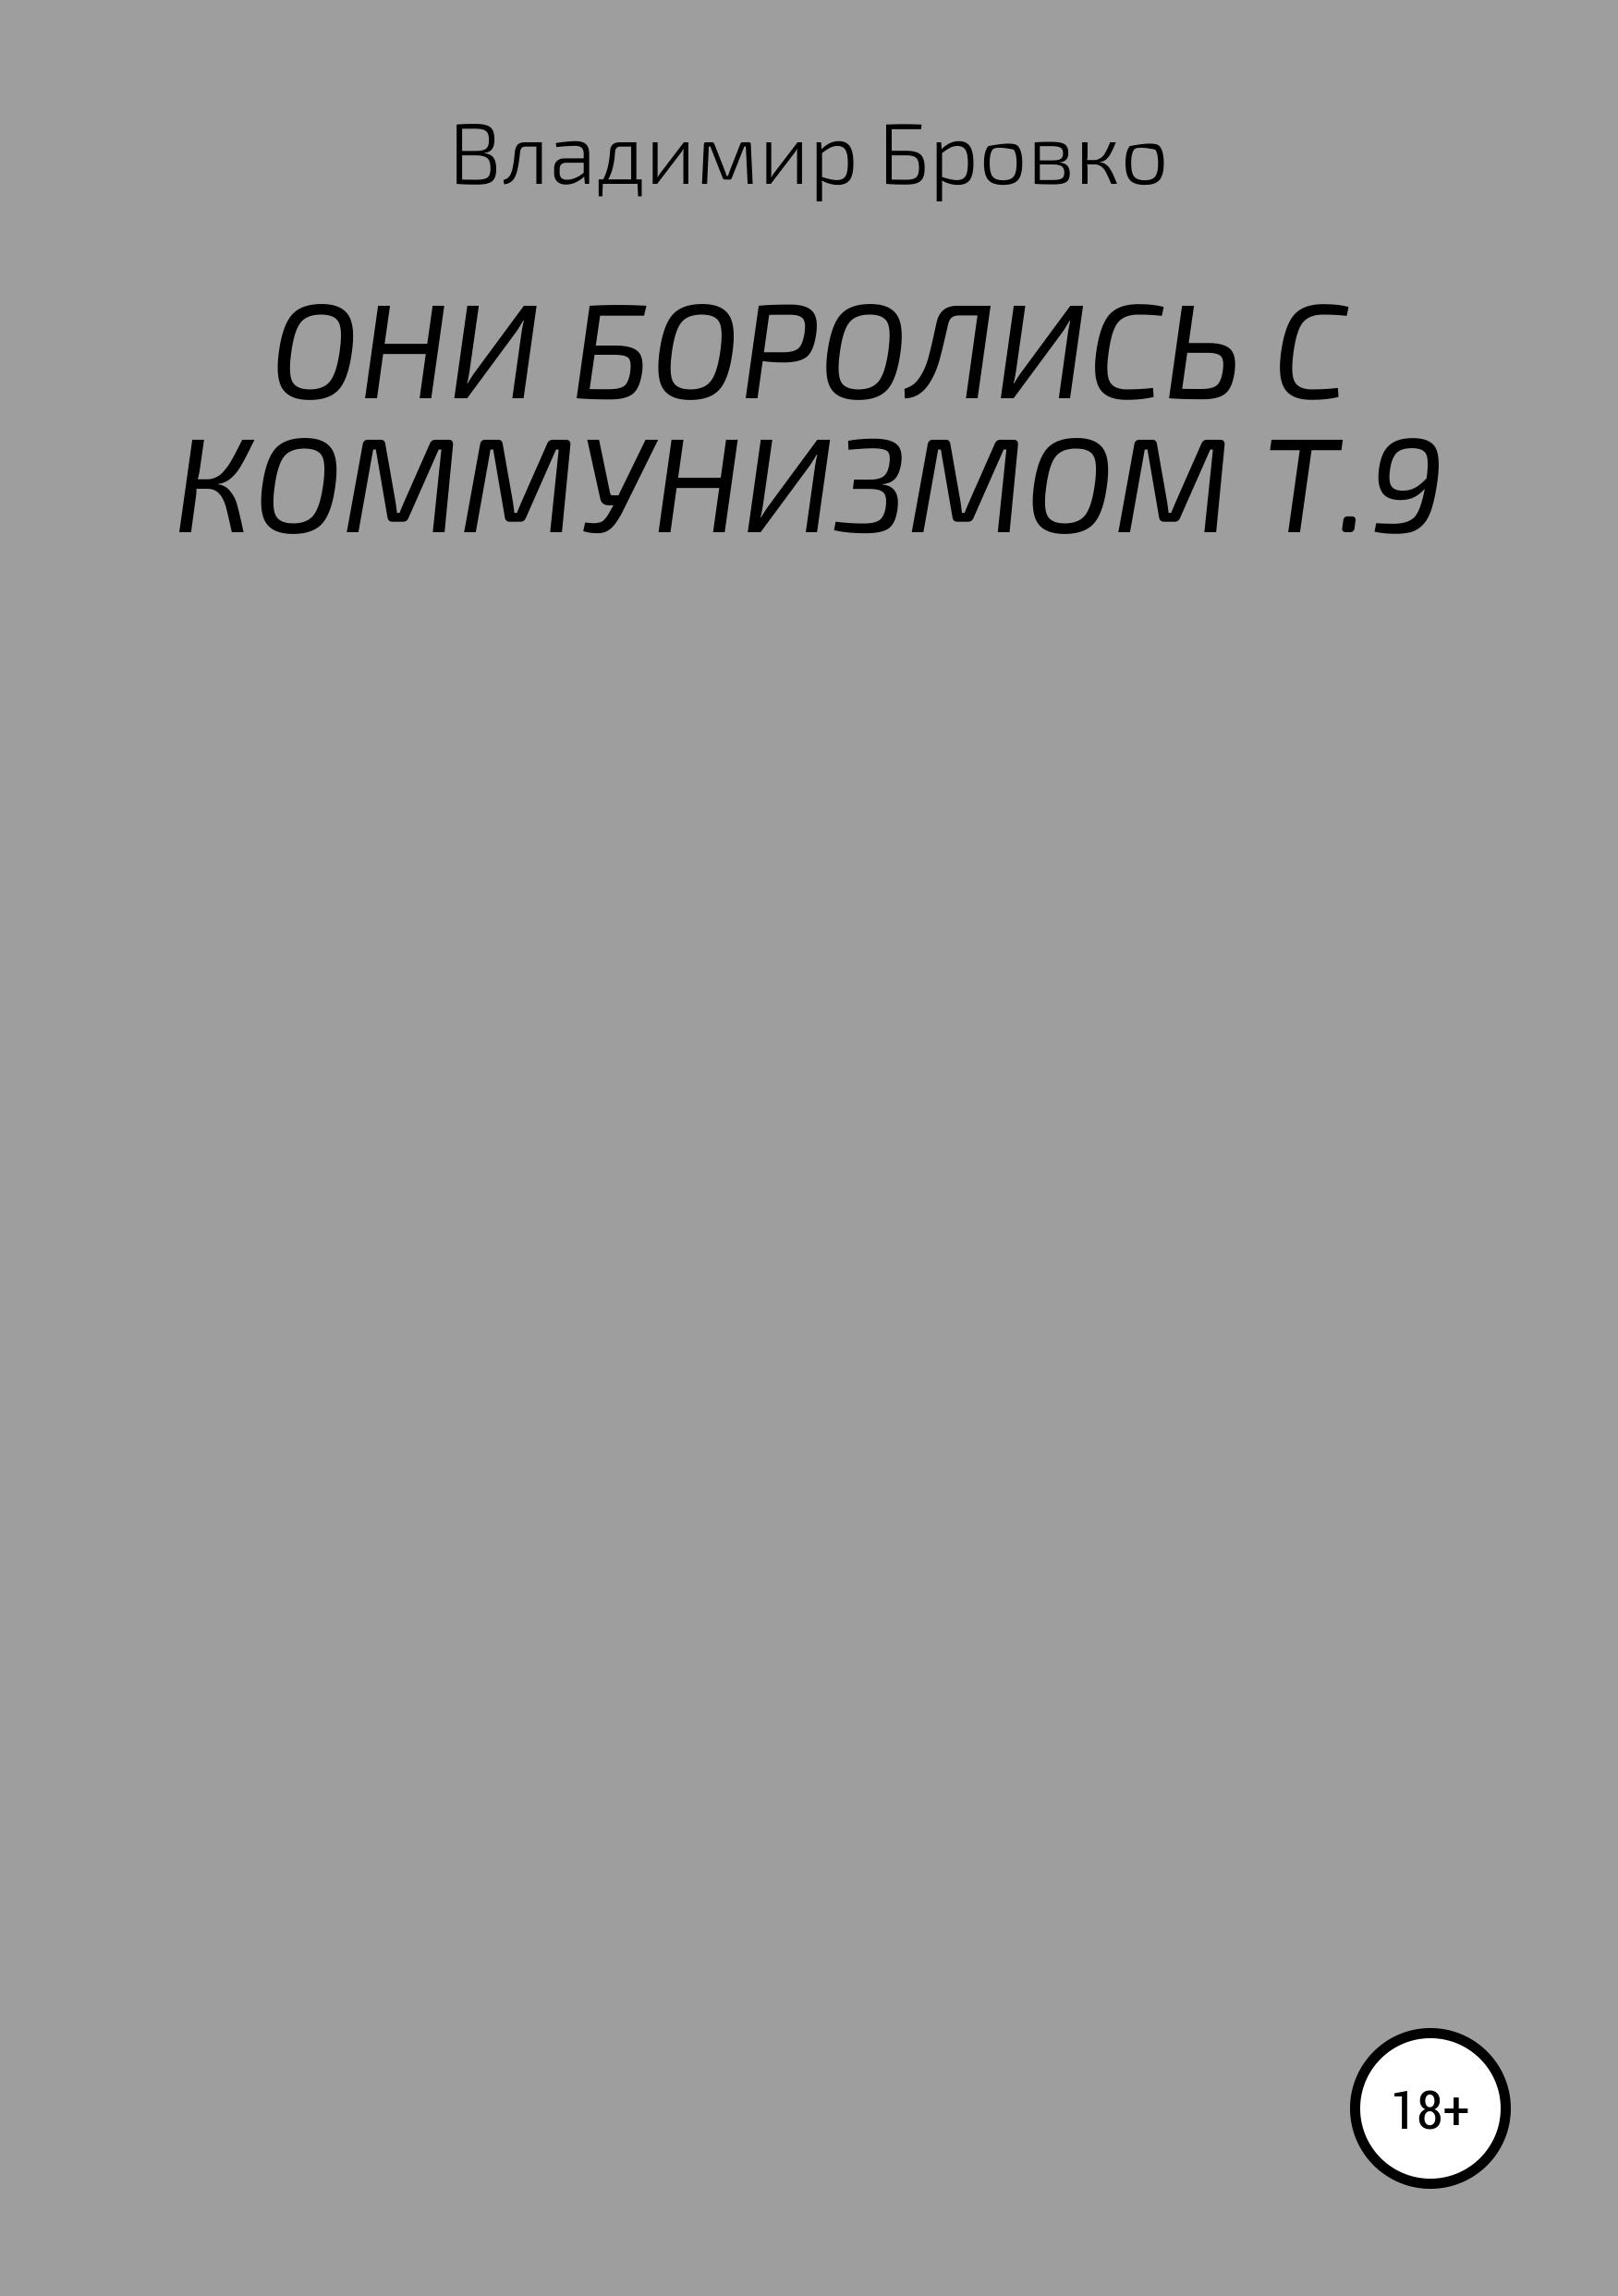 ОНИ БОРОЛИСЬ С КОММУНИЗМОМ Т.9